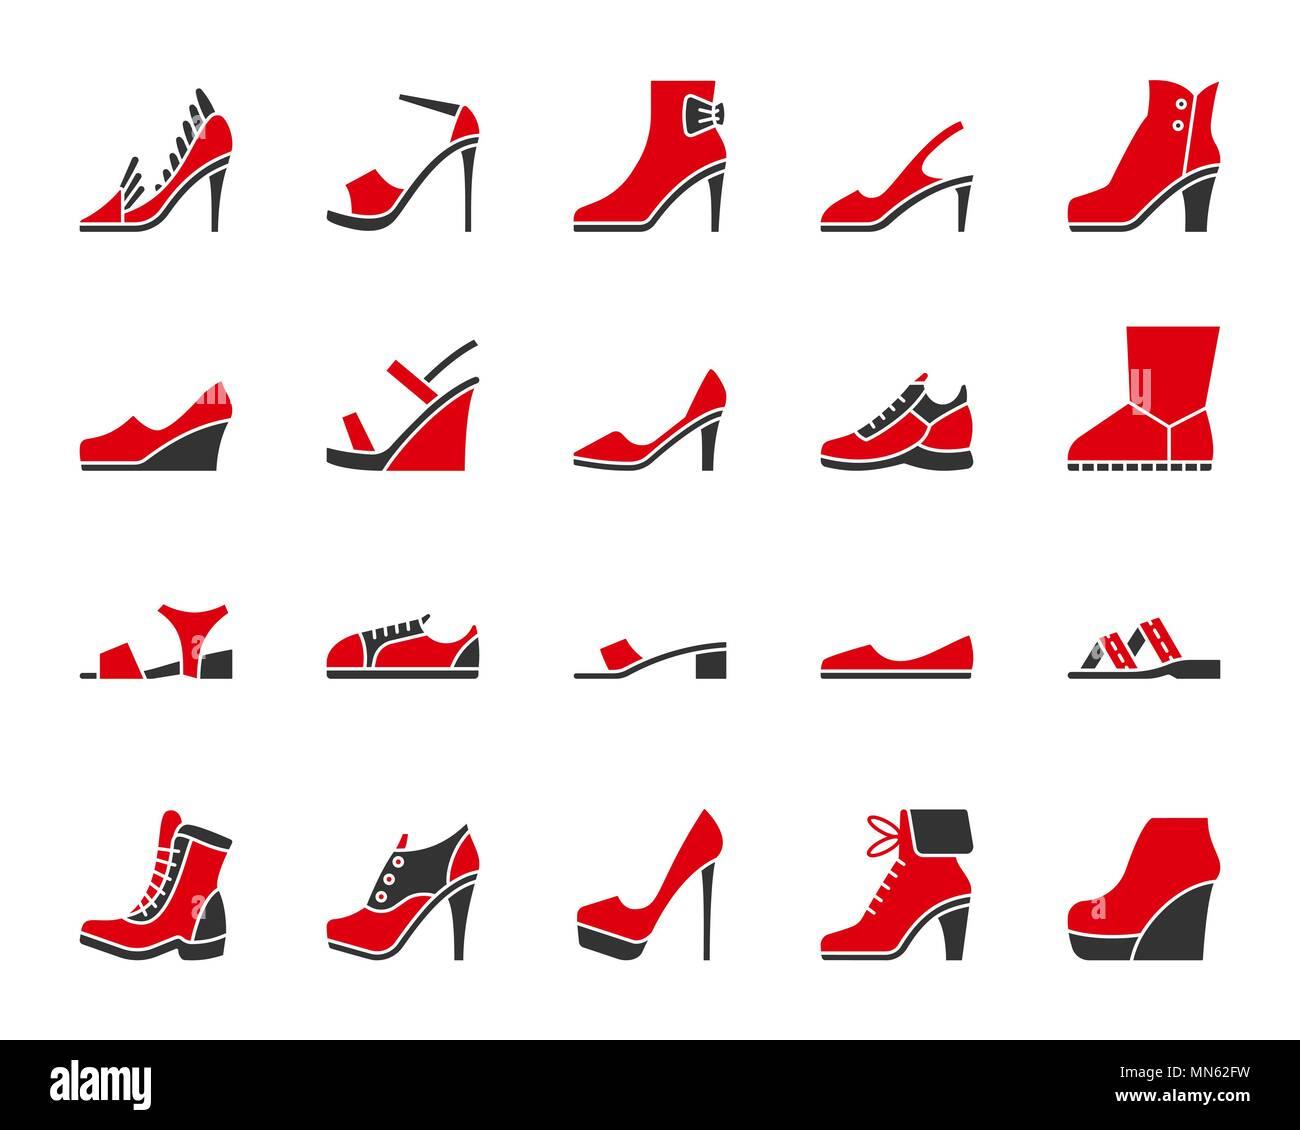 Pxqgf Blanco Signo Silueta Aislado Mujer Conjunto En De Zapatos Iconos 76mIgYbfyv